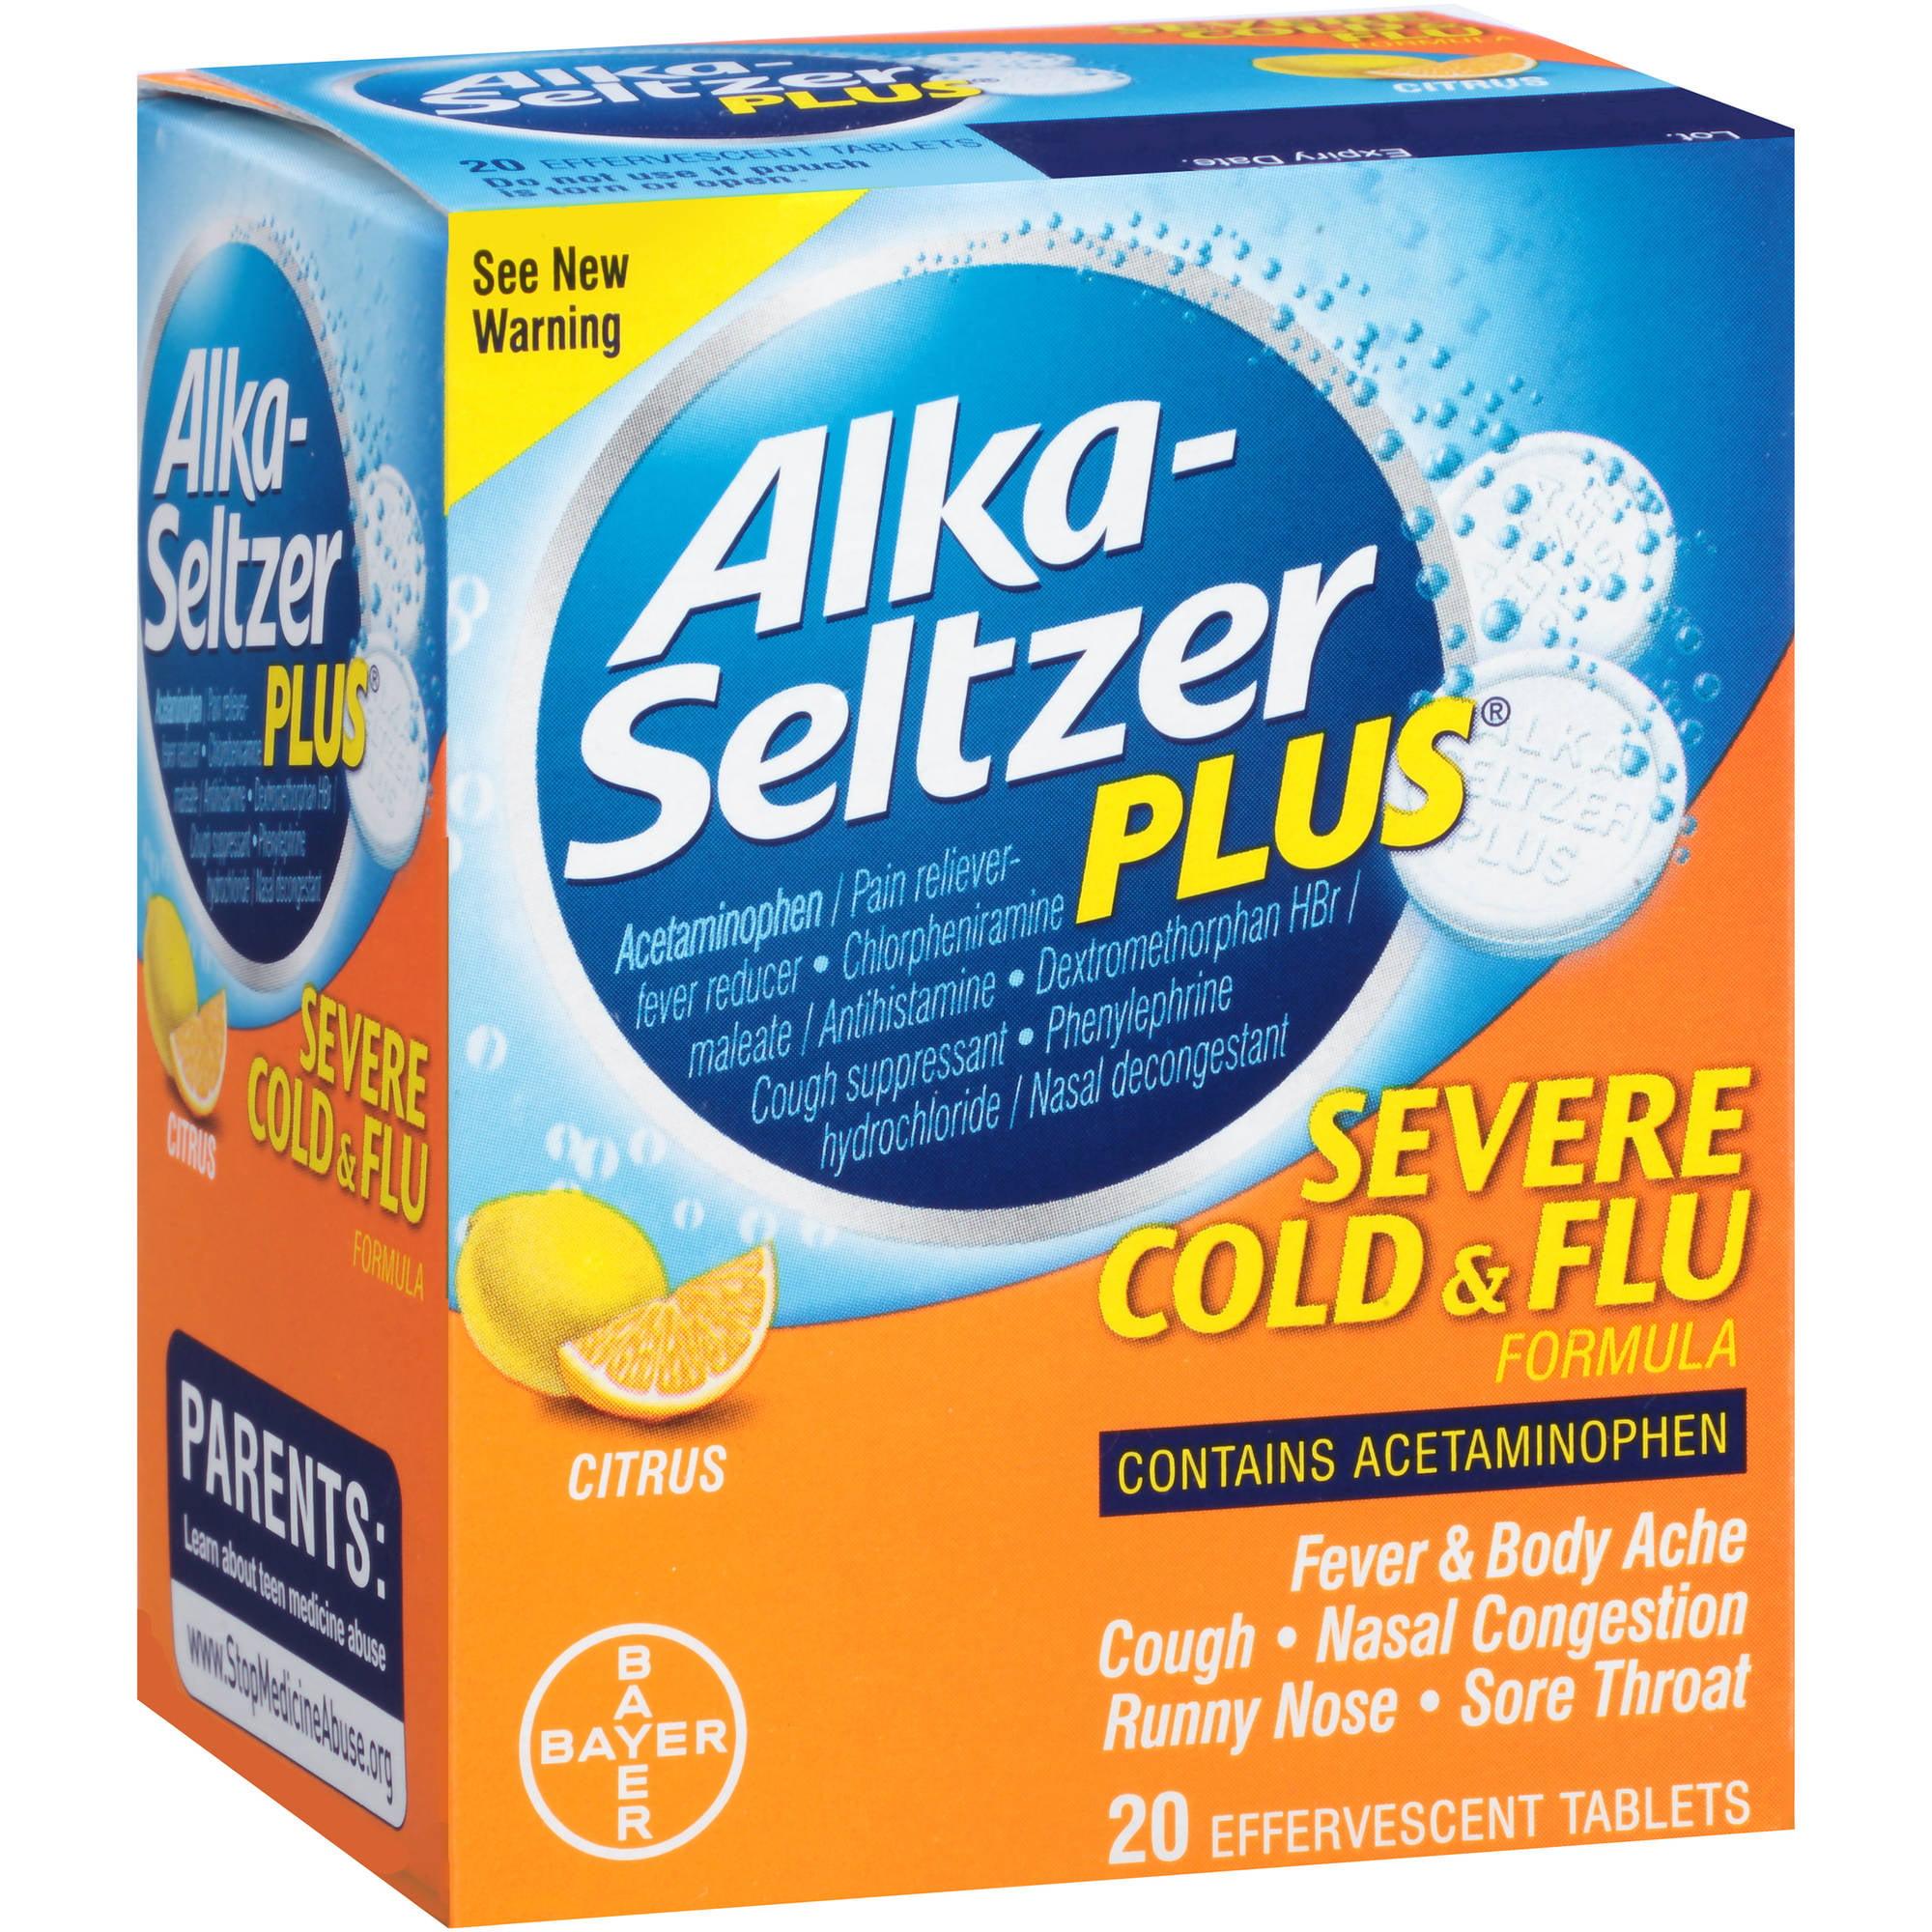 Alka-Seltzer Plus Citrus Flu Formula Tablets, 20 count